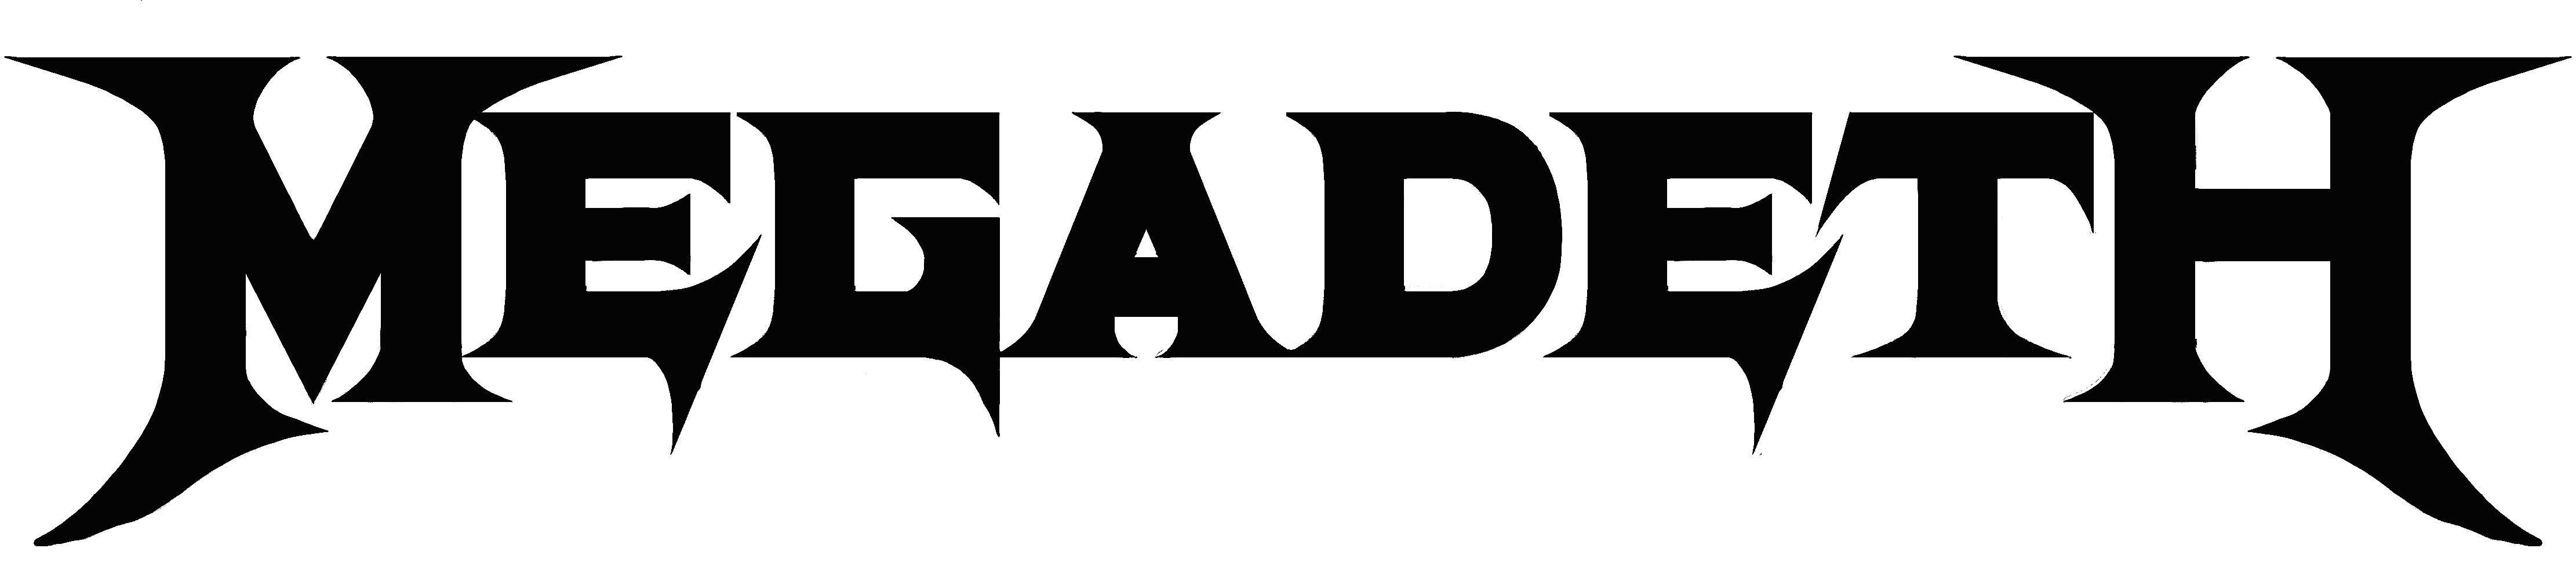 Megadeth band logo Megadeth, Bandas de rock, Logos de